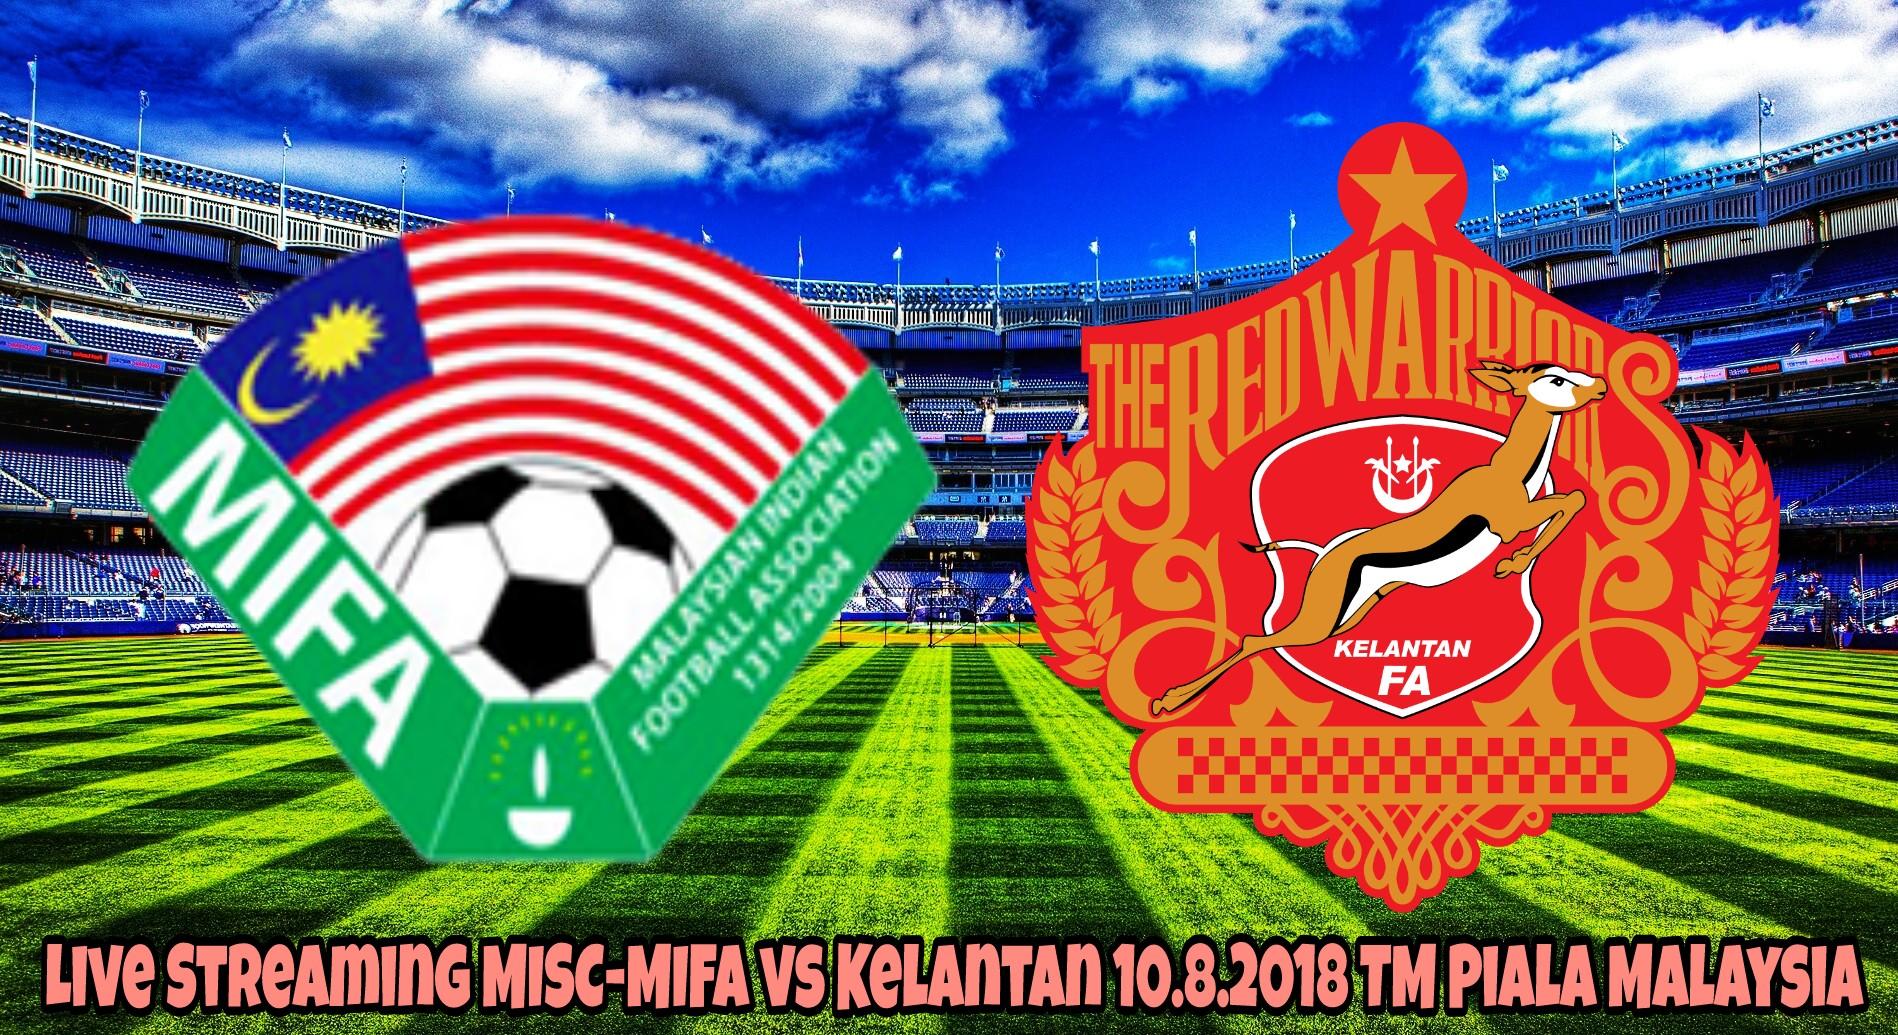 Live Streaming MISC-MIFA vs Kelantan 10.8.2018 TM Piala Malaysia